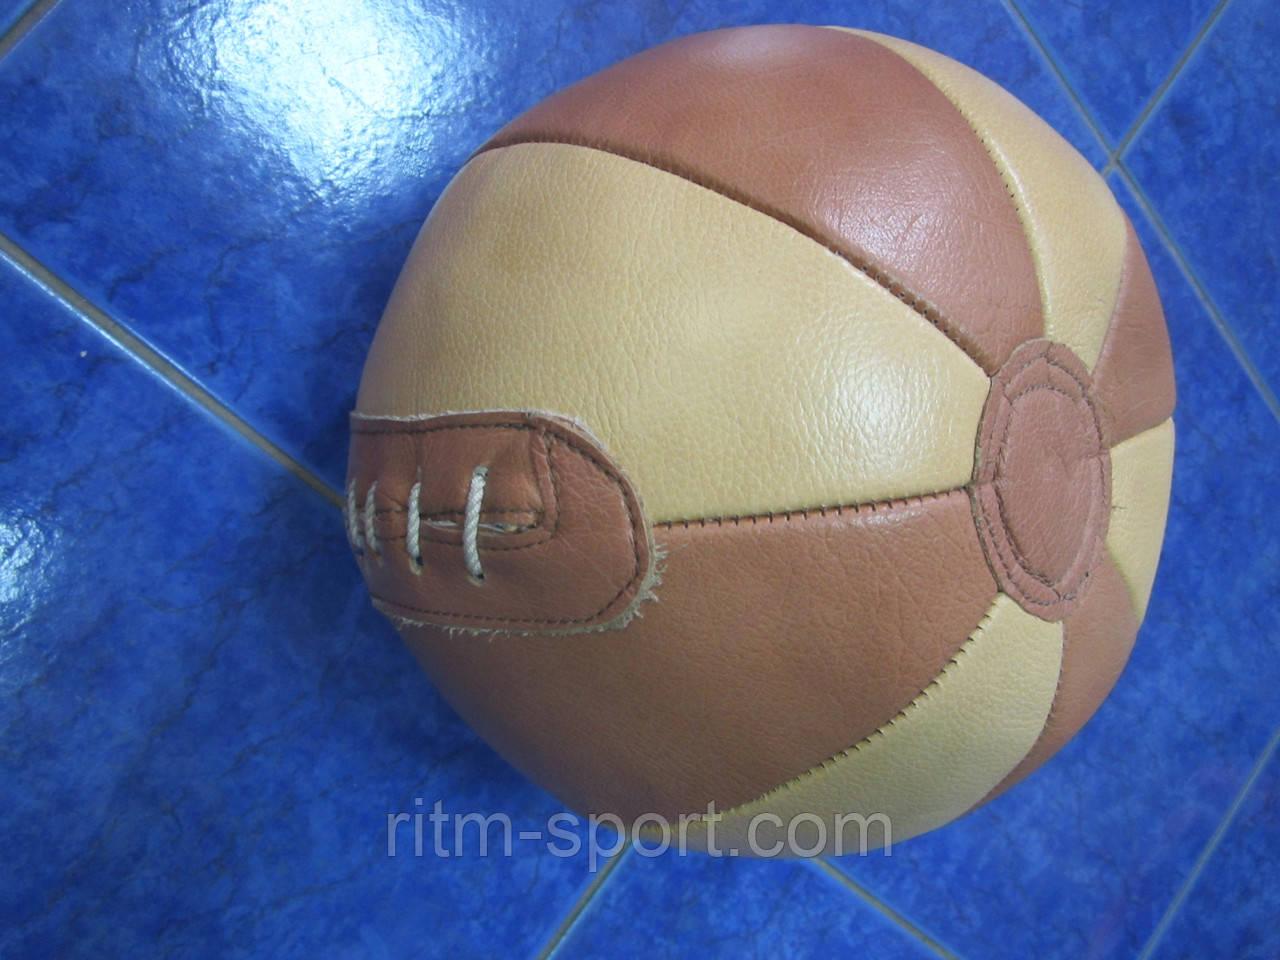 Мяч медицинский кожаный, вес  2 кг